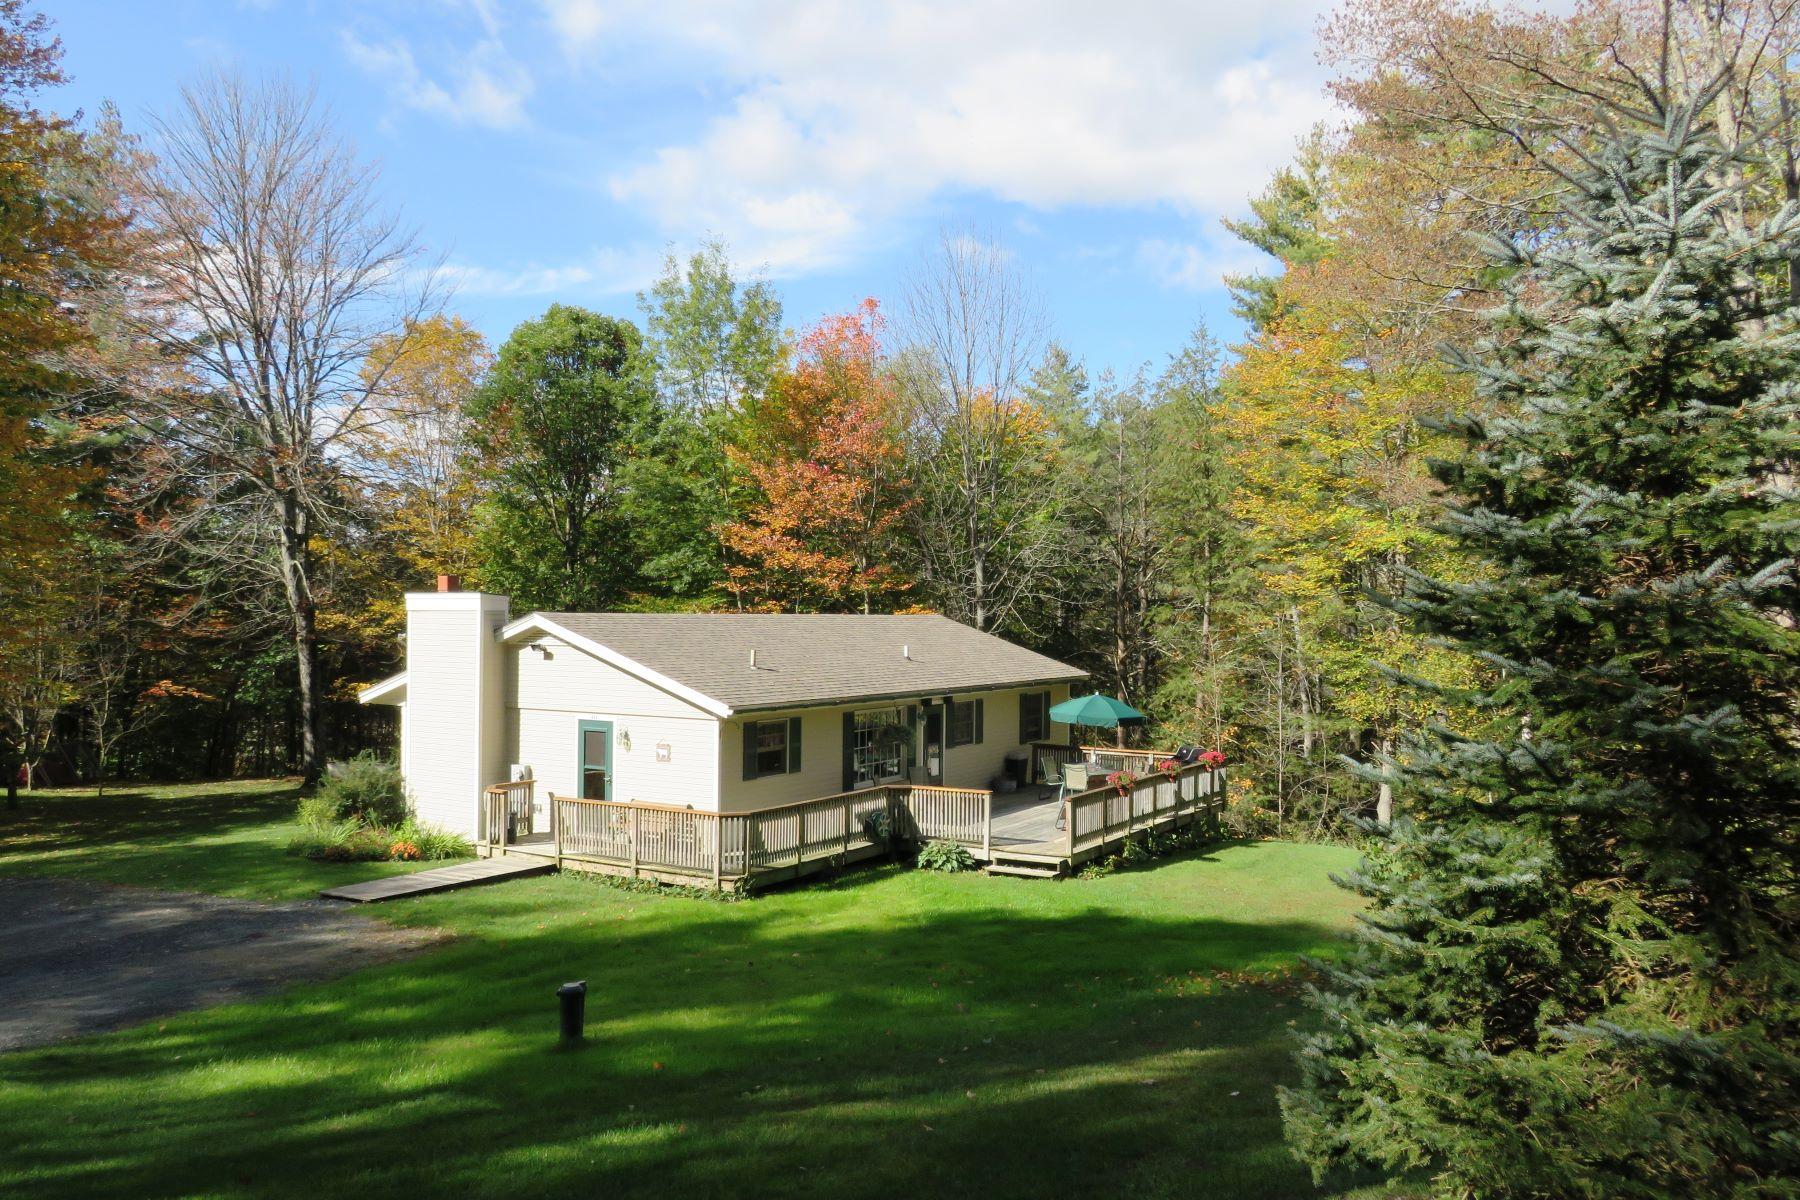 独户住宅 为 销售 在 Three Bedroom Ranch in Hartford 113 Aster Dr, 哈特福特, 佛蒙特州, 05001 美国